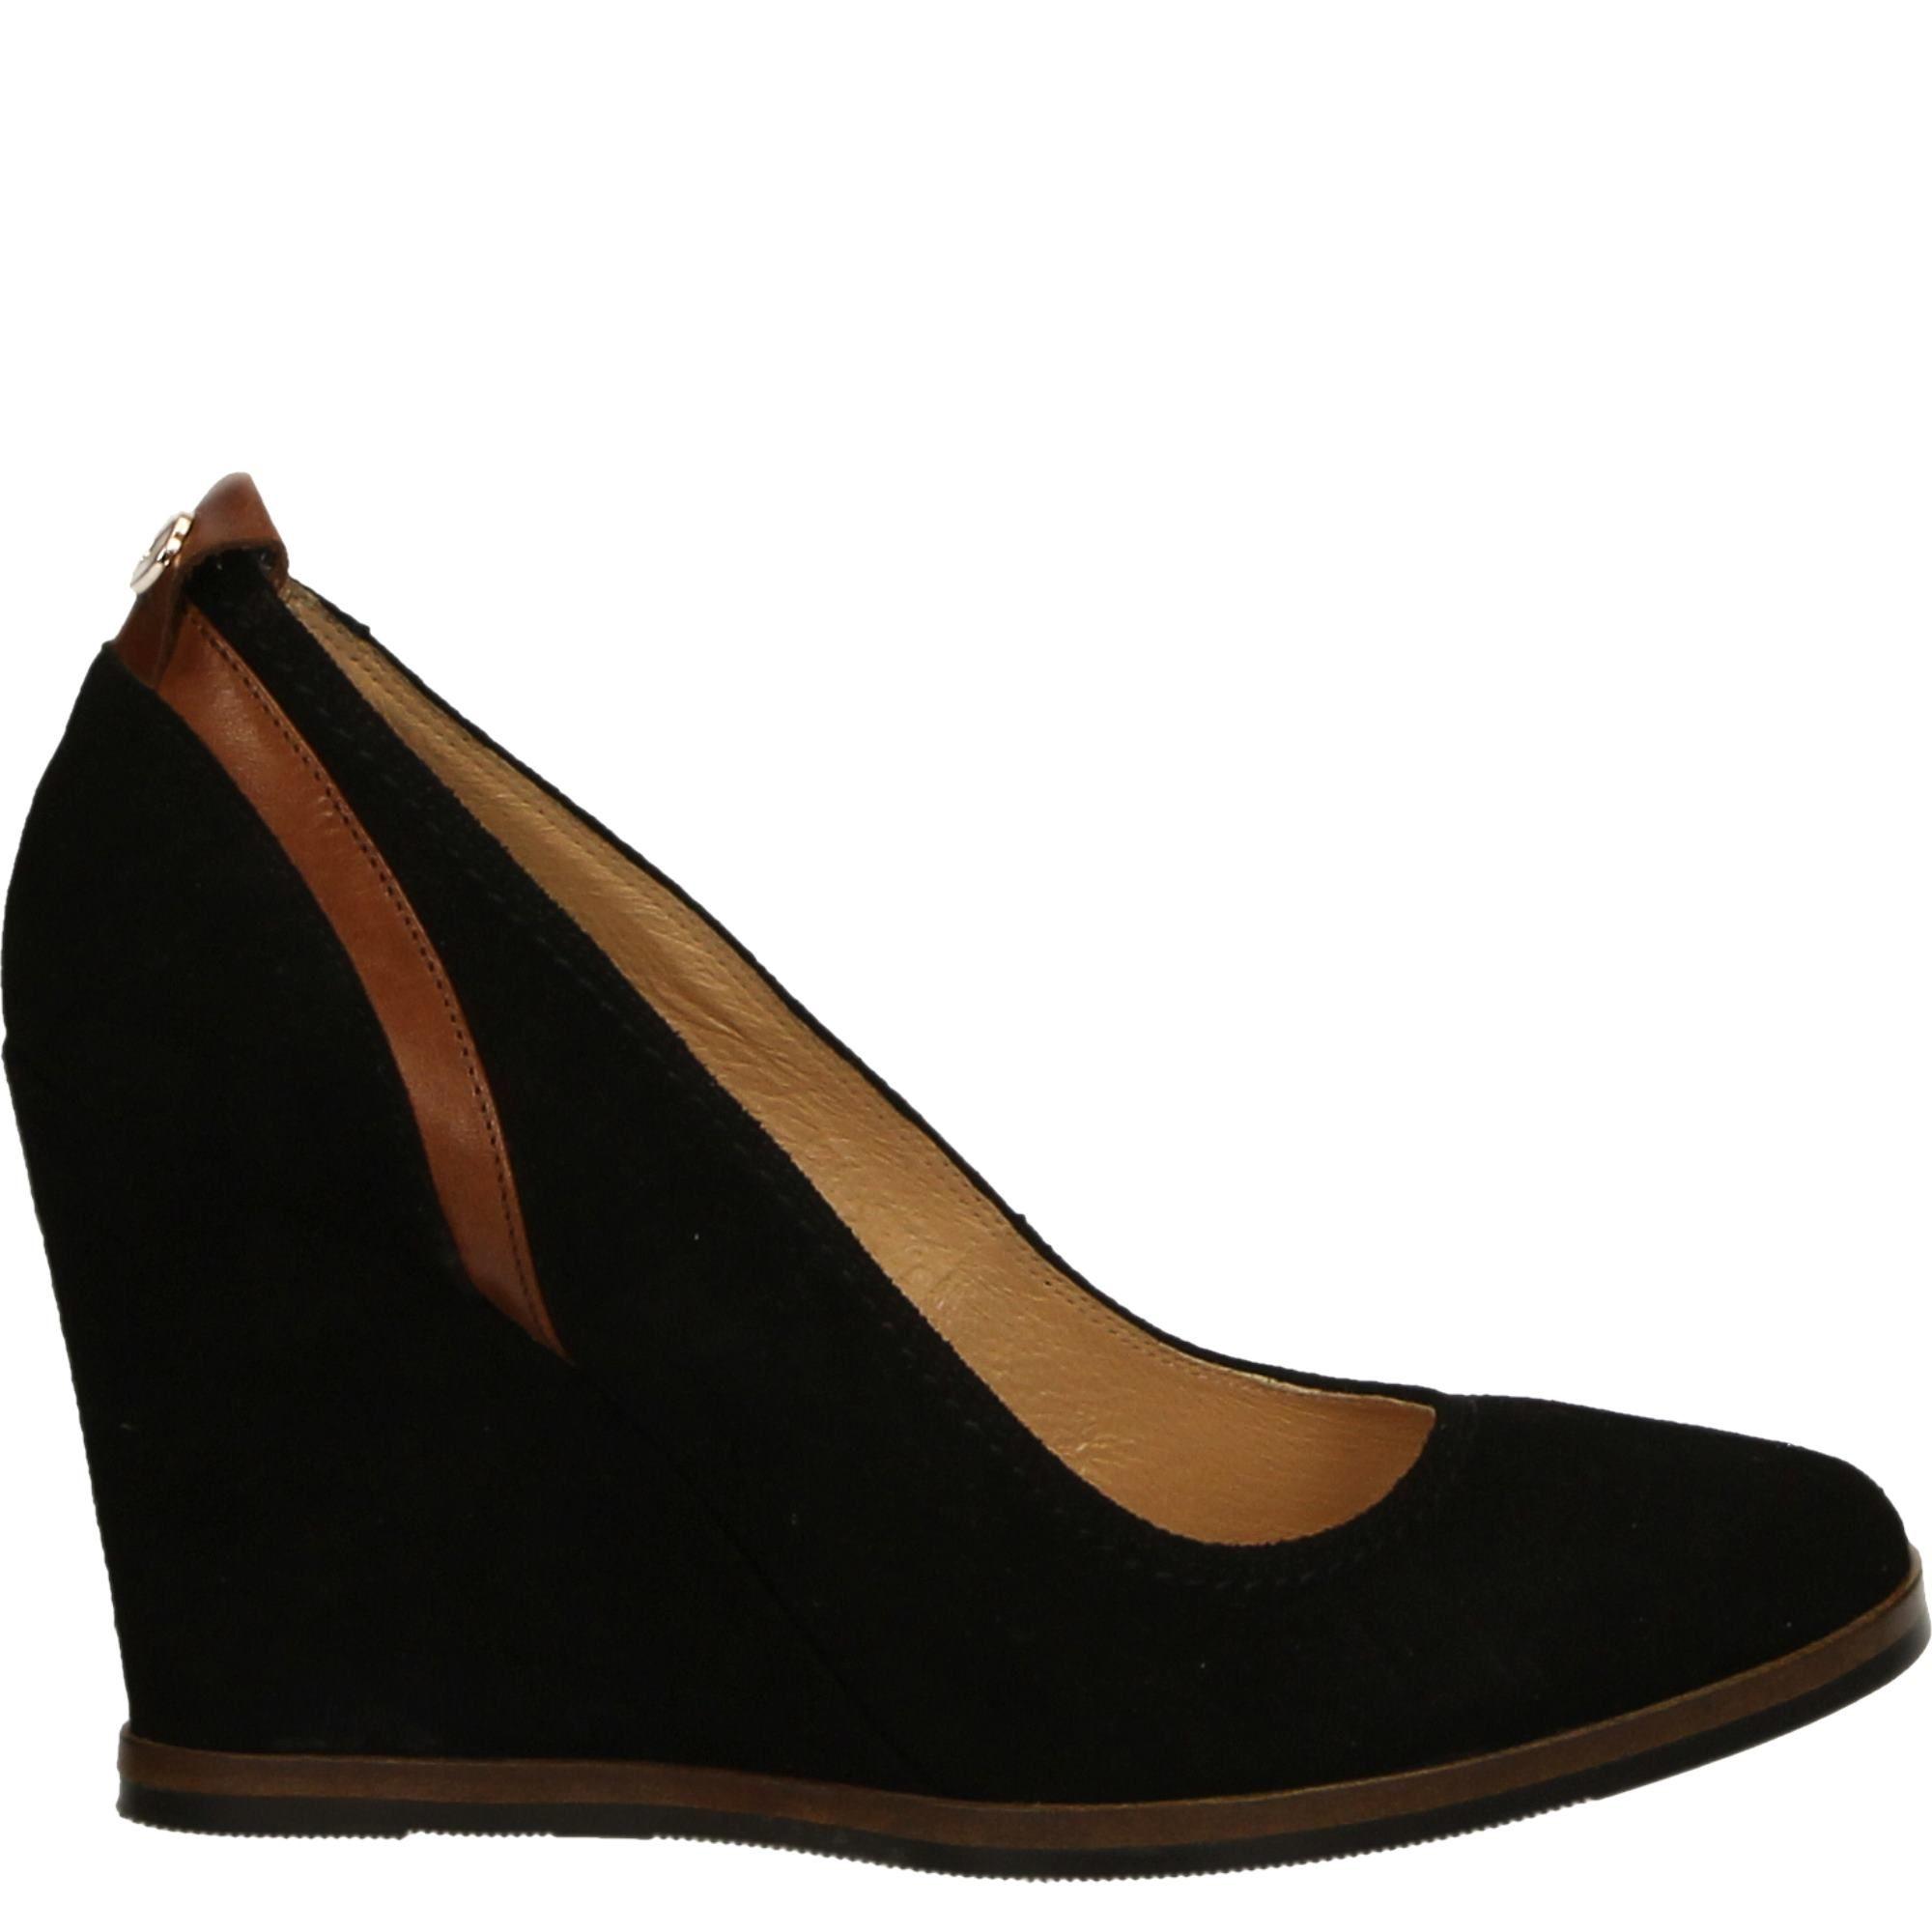 Venezia Firmowy Sklep Online Markowe Buty Online Buty Wloskie Obuwie Damskie Obuwie Meskie Torby Damskie Kurtki Damskie Shoes Wedges Fashion